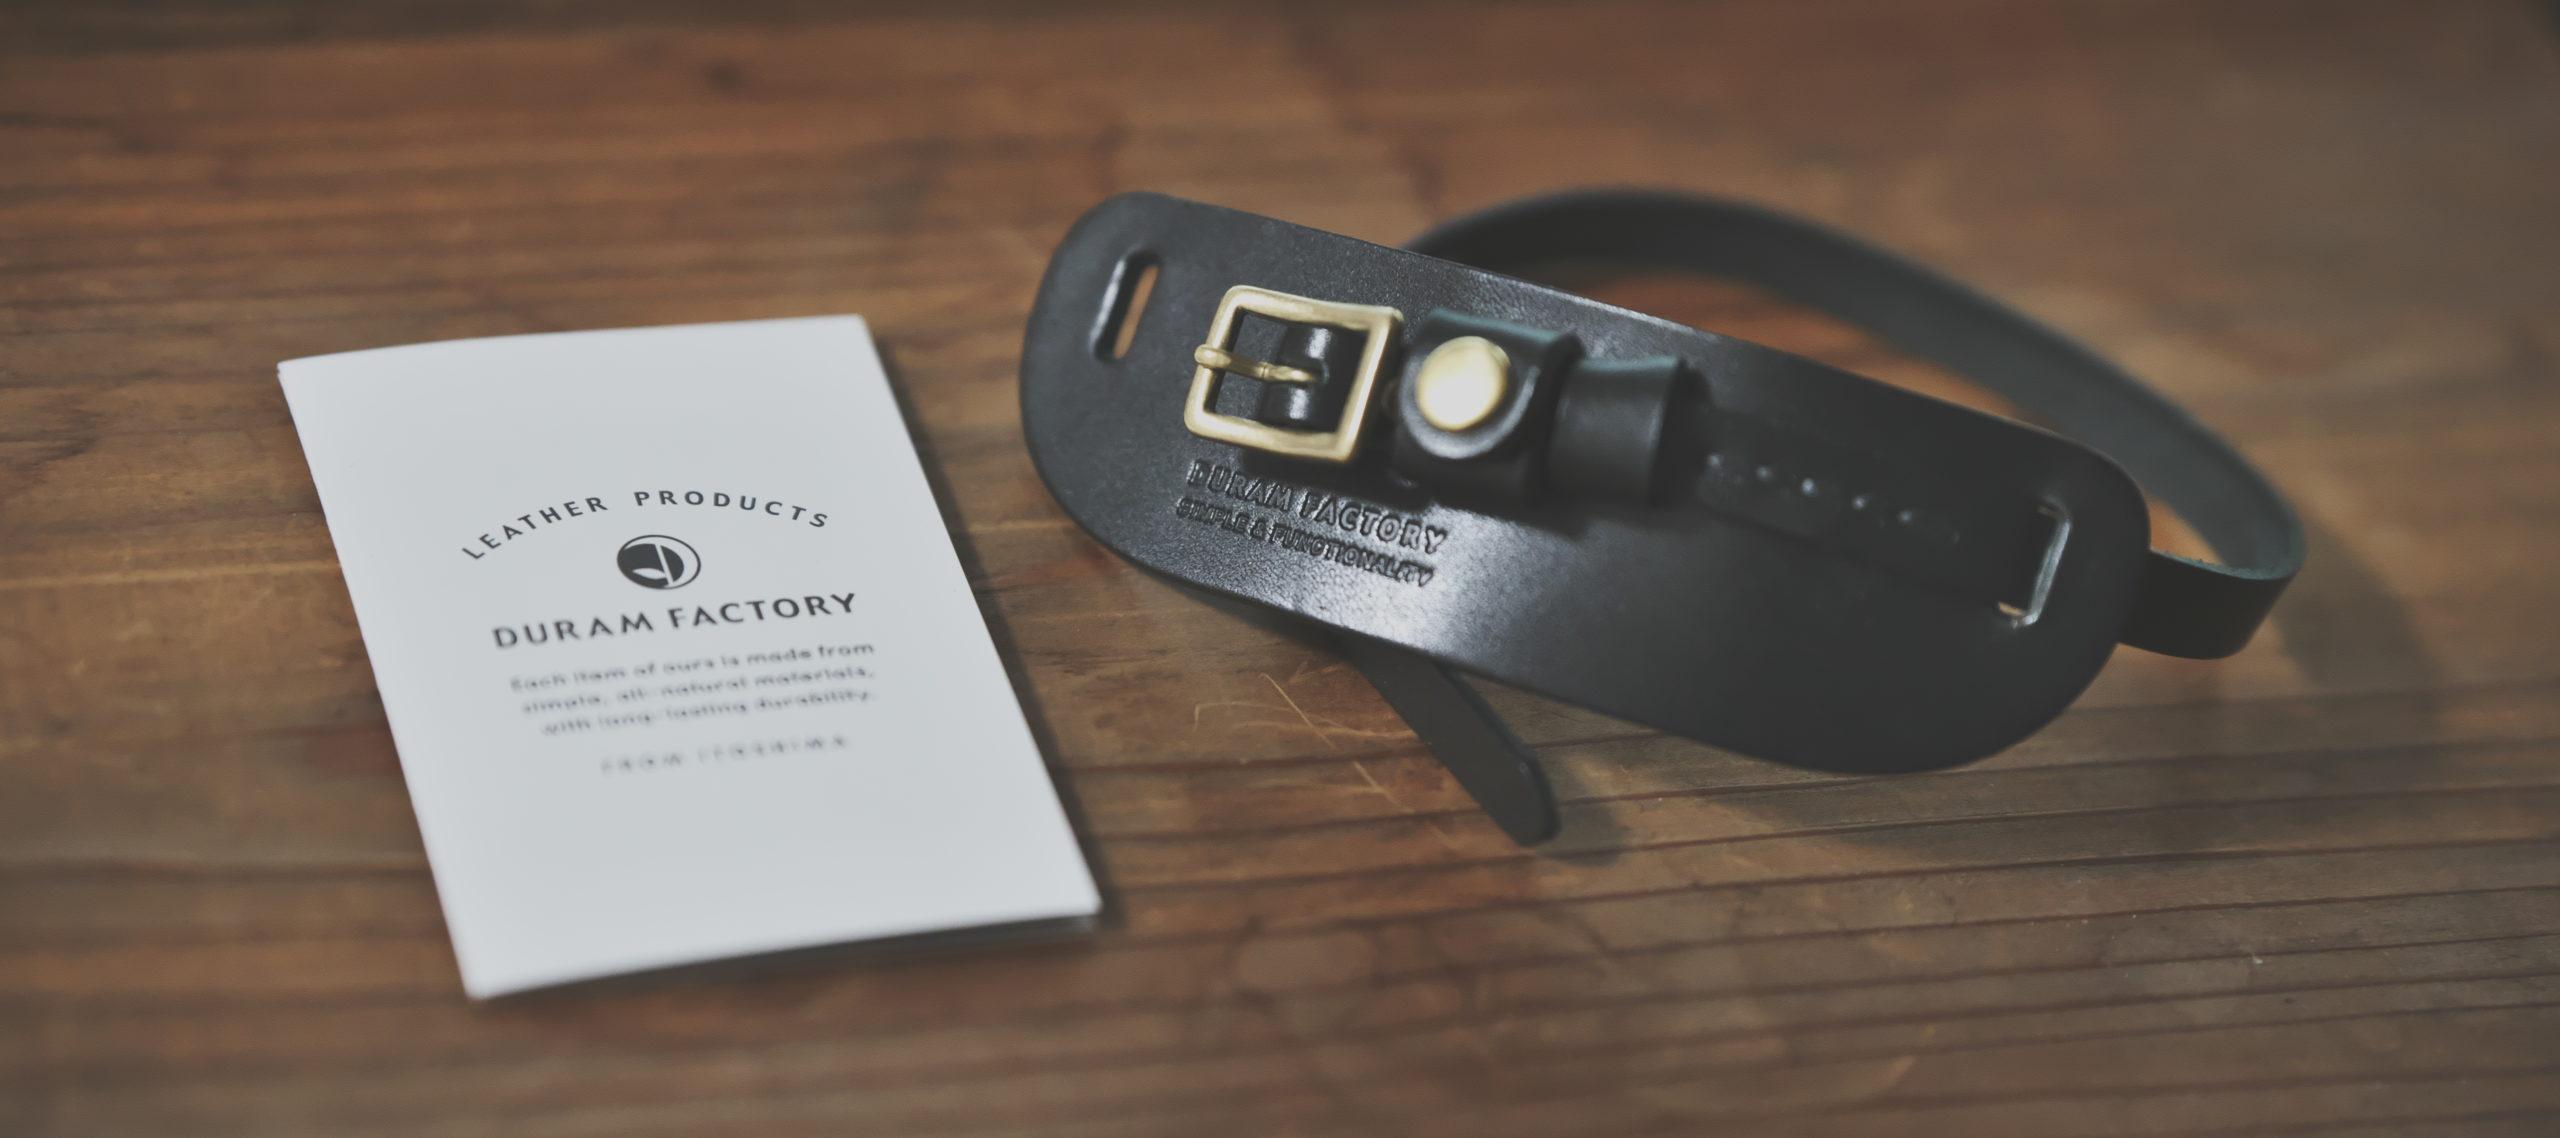 DURAMカメラ用革製ハンドストラップ/ショップカード